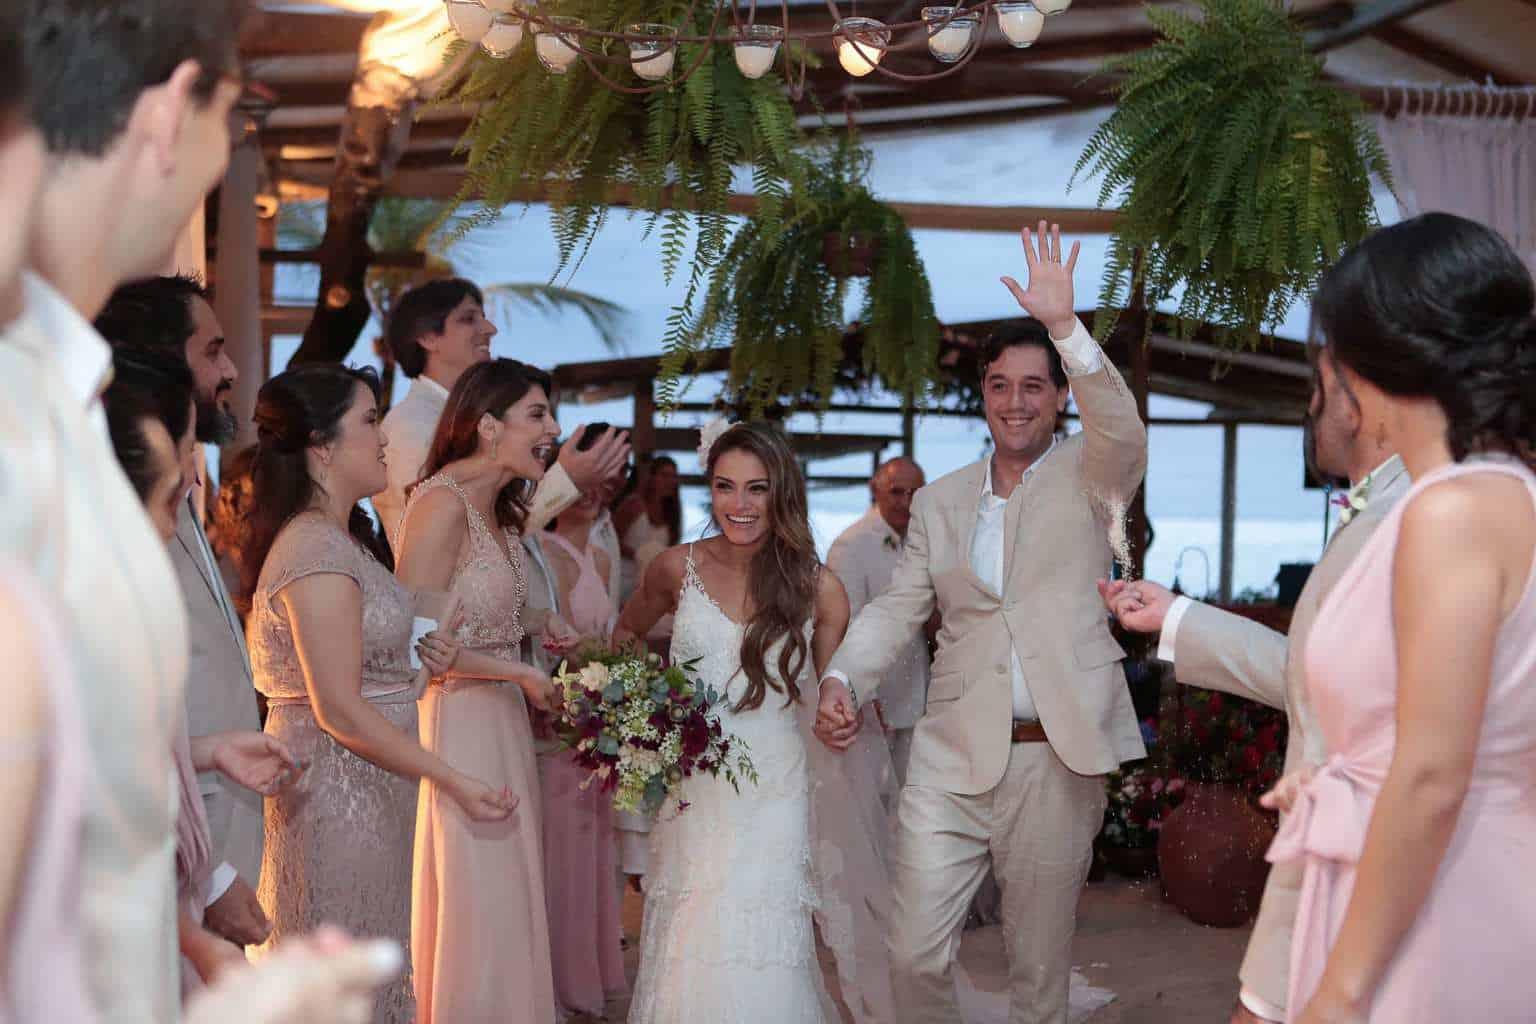 casamento-ao-ar-livre-casamento-de-dia-casamento-Maira-e-Erick-casamento-na-praia-Fotografia-Filipe-Paes-Studio-47-Luaia-Cabanas-Maresias-São-Paulo-7